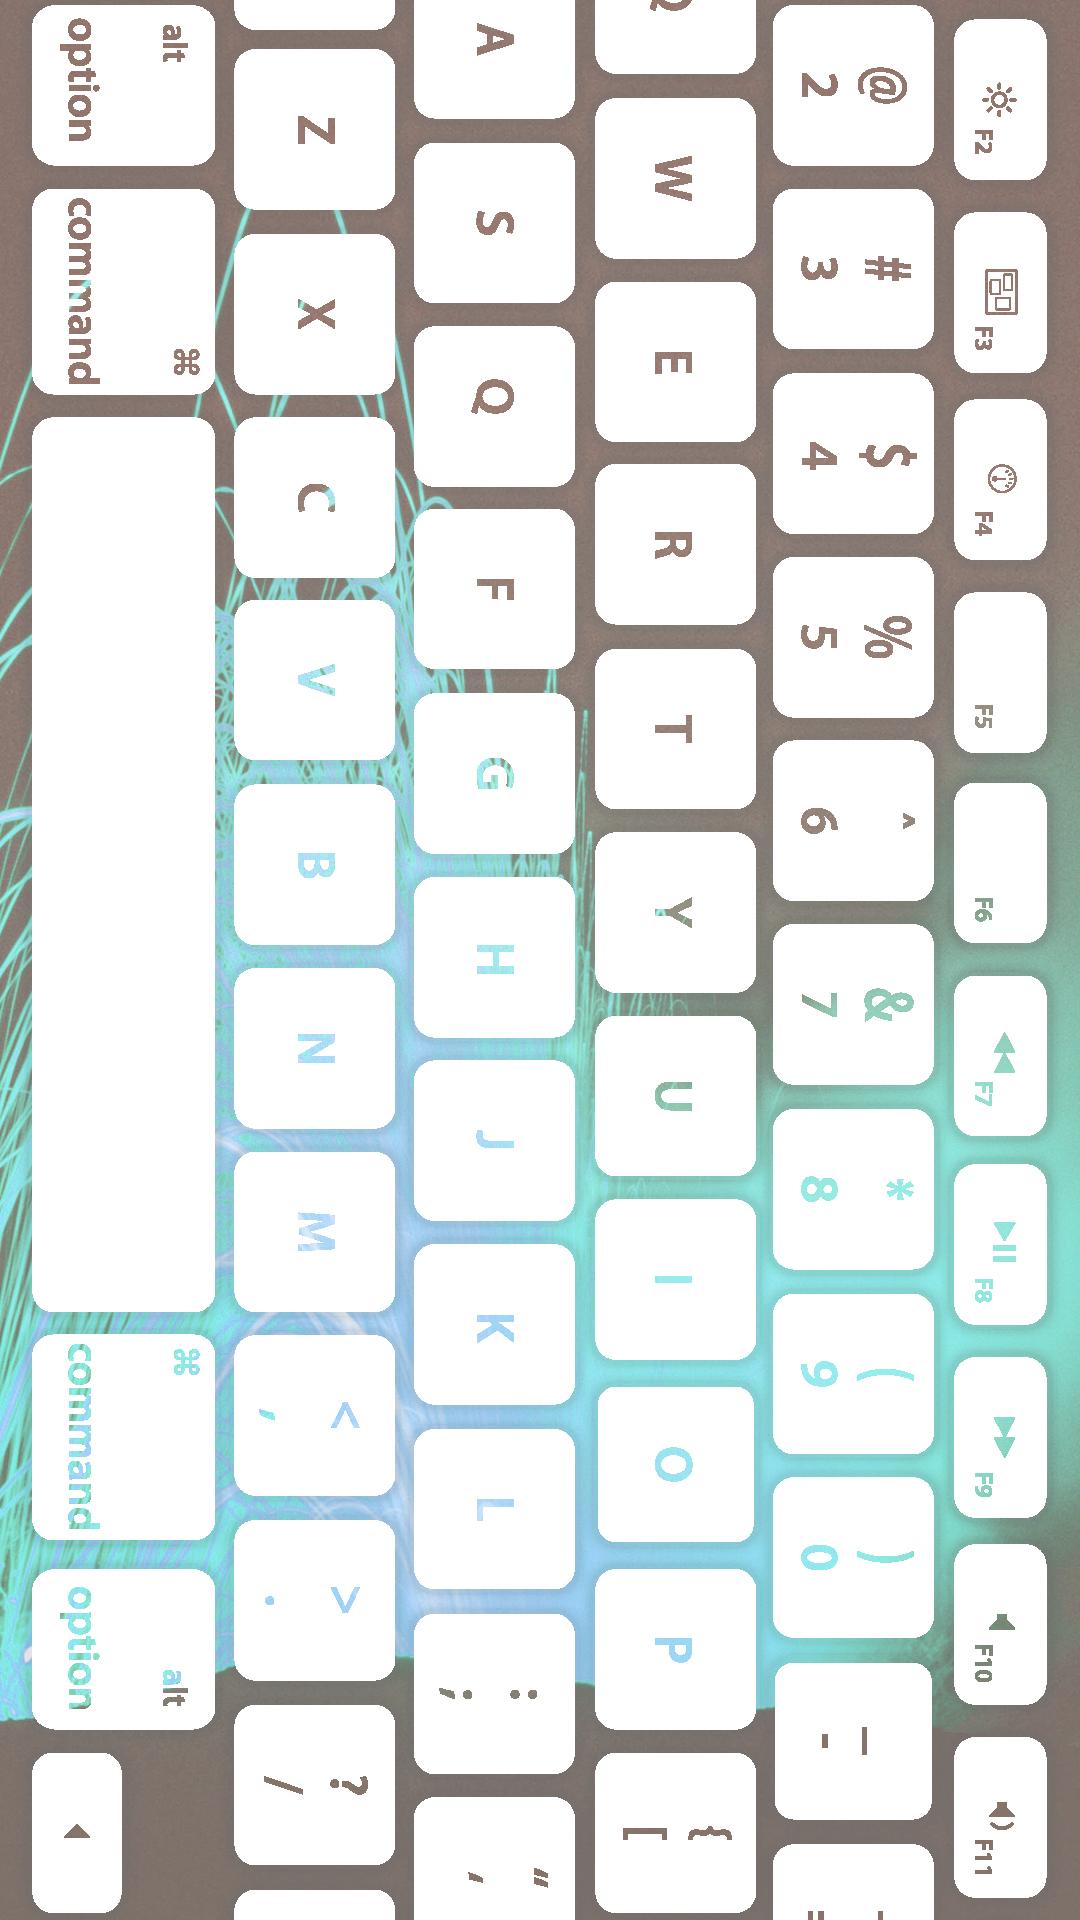 キーボード青白 Wallpaper Sc Iphone8plus壁紙